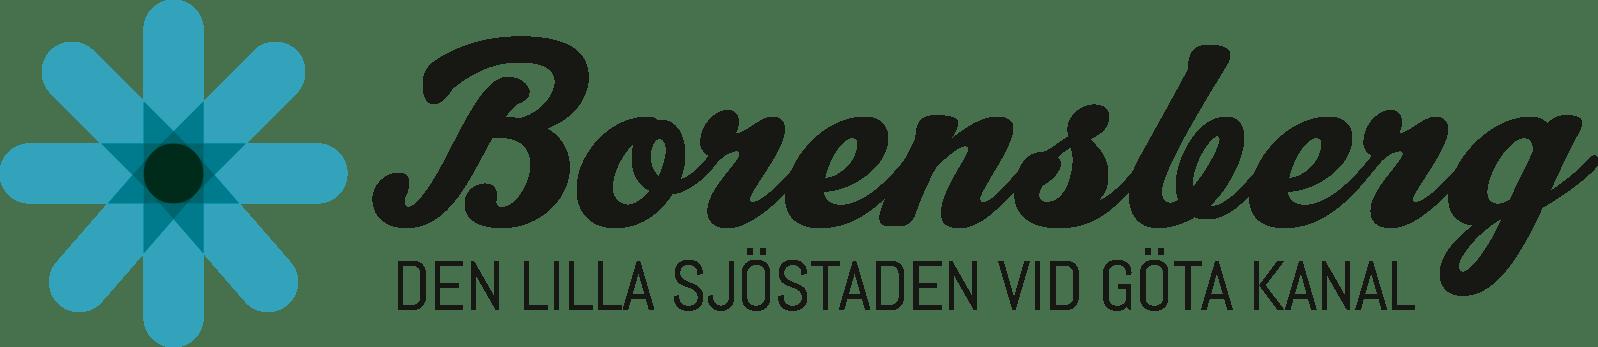 Logotyp för Borensberg